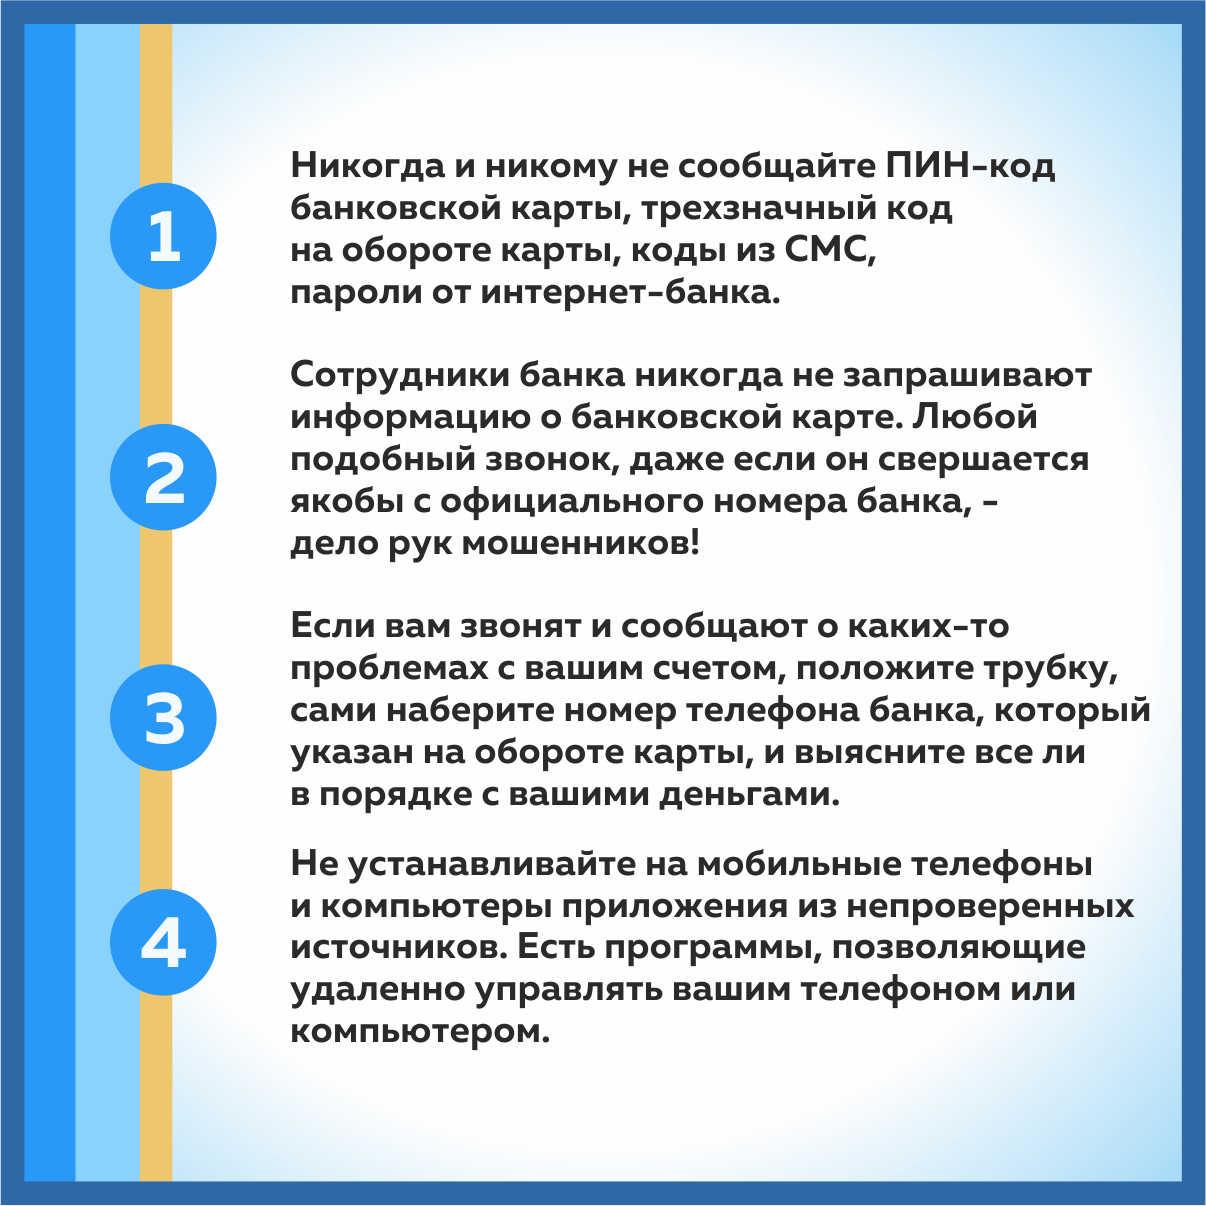 ПРОКУРАТУРА КЕМЕРОВСКОЙ ОБЛАСТИ – КУЗБАССА предупреждает Никогда и никому не сообщайте данные банковской карты